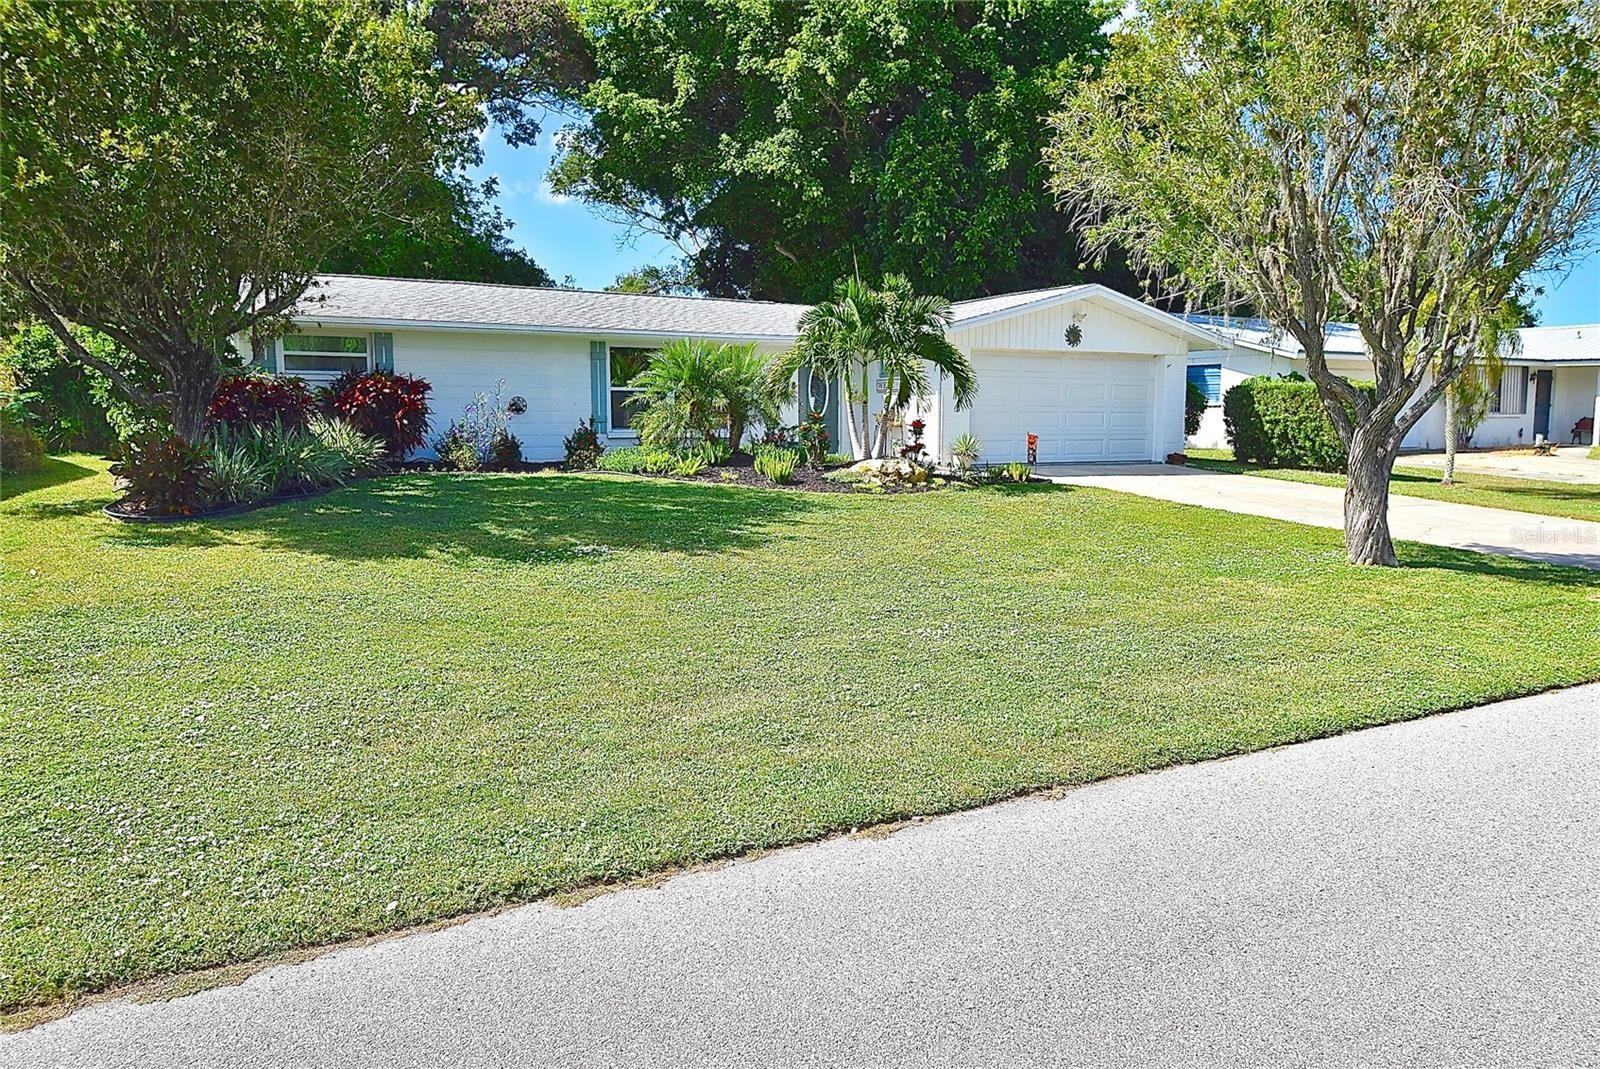 Photo of 1405 E GATE DRIVE, VENICE, FL 34285 (MLS # N6118090)